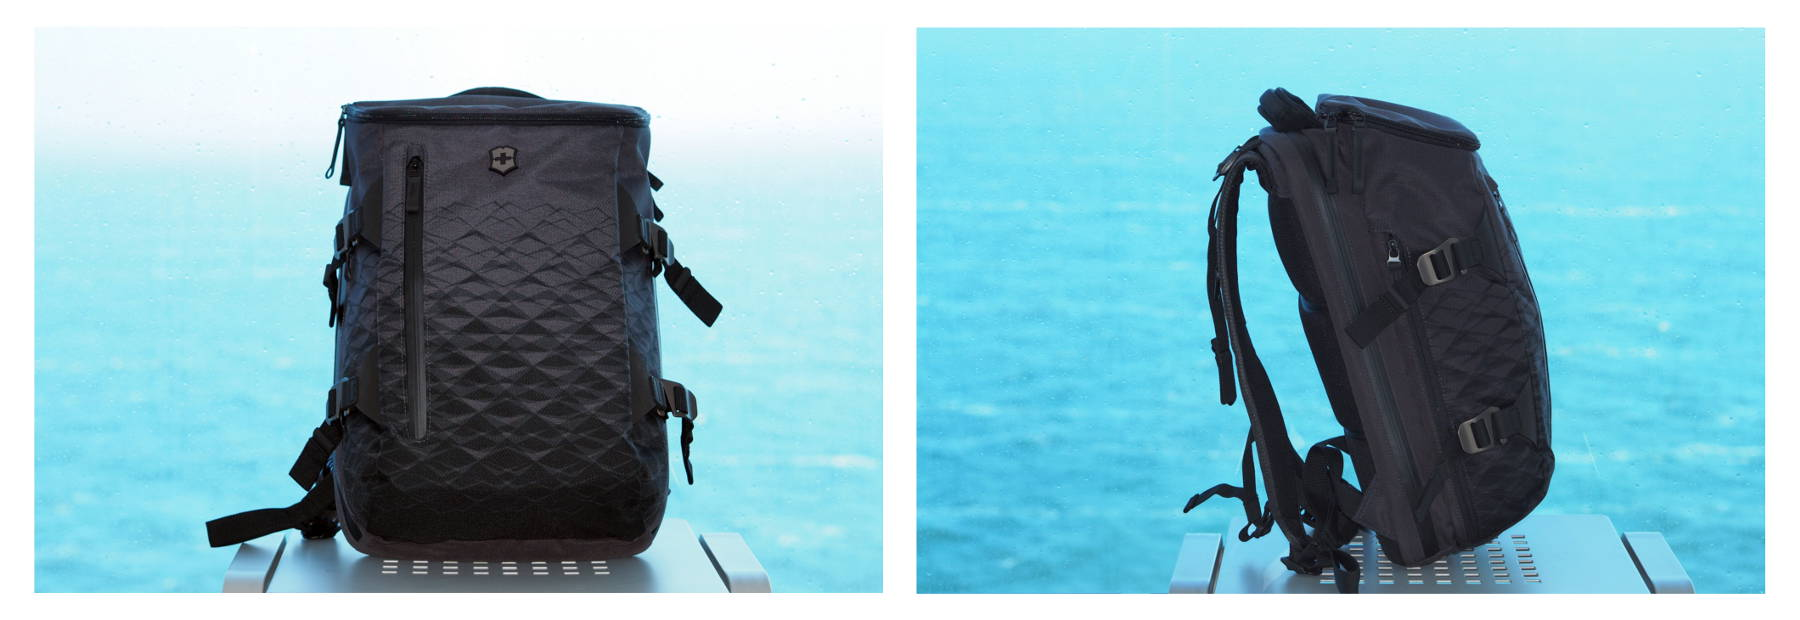 Victorinox Rucksack anthrazit vor blauem Meer, Seitenansicht und Frontansicht